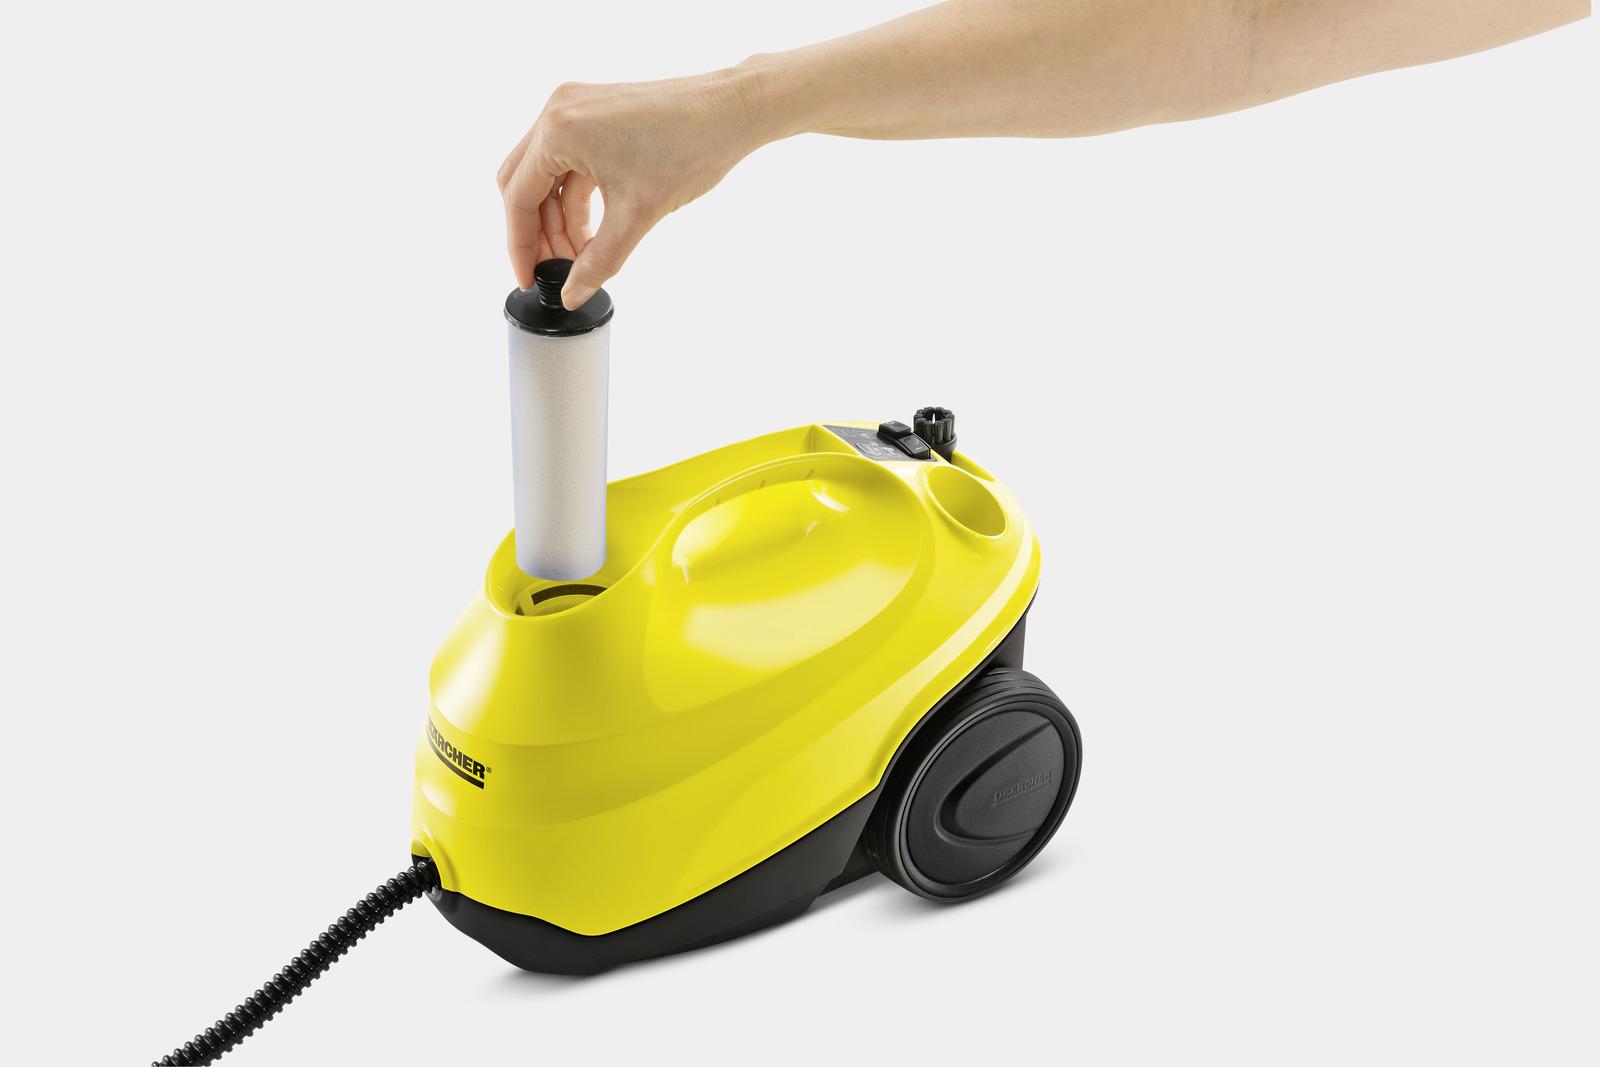 floor steam cleaner sc 3 karcher australia. Black Bedroom Furniture Sets. Home Design Ideas